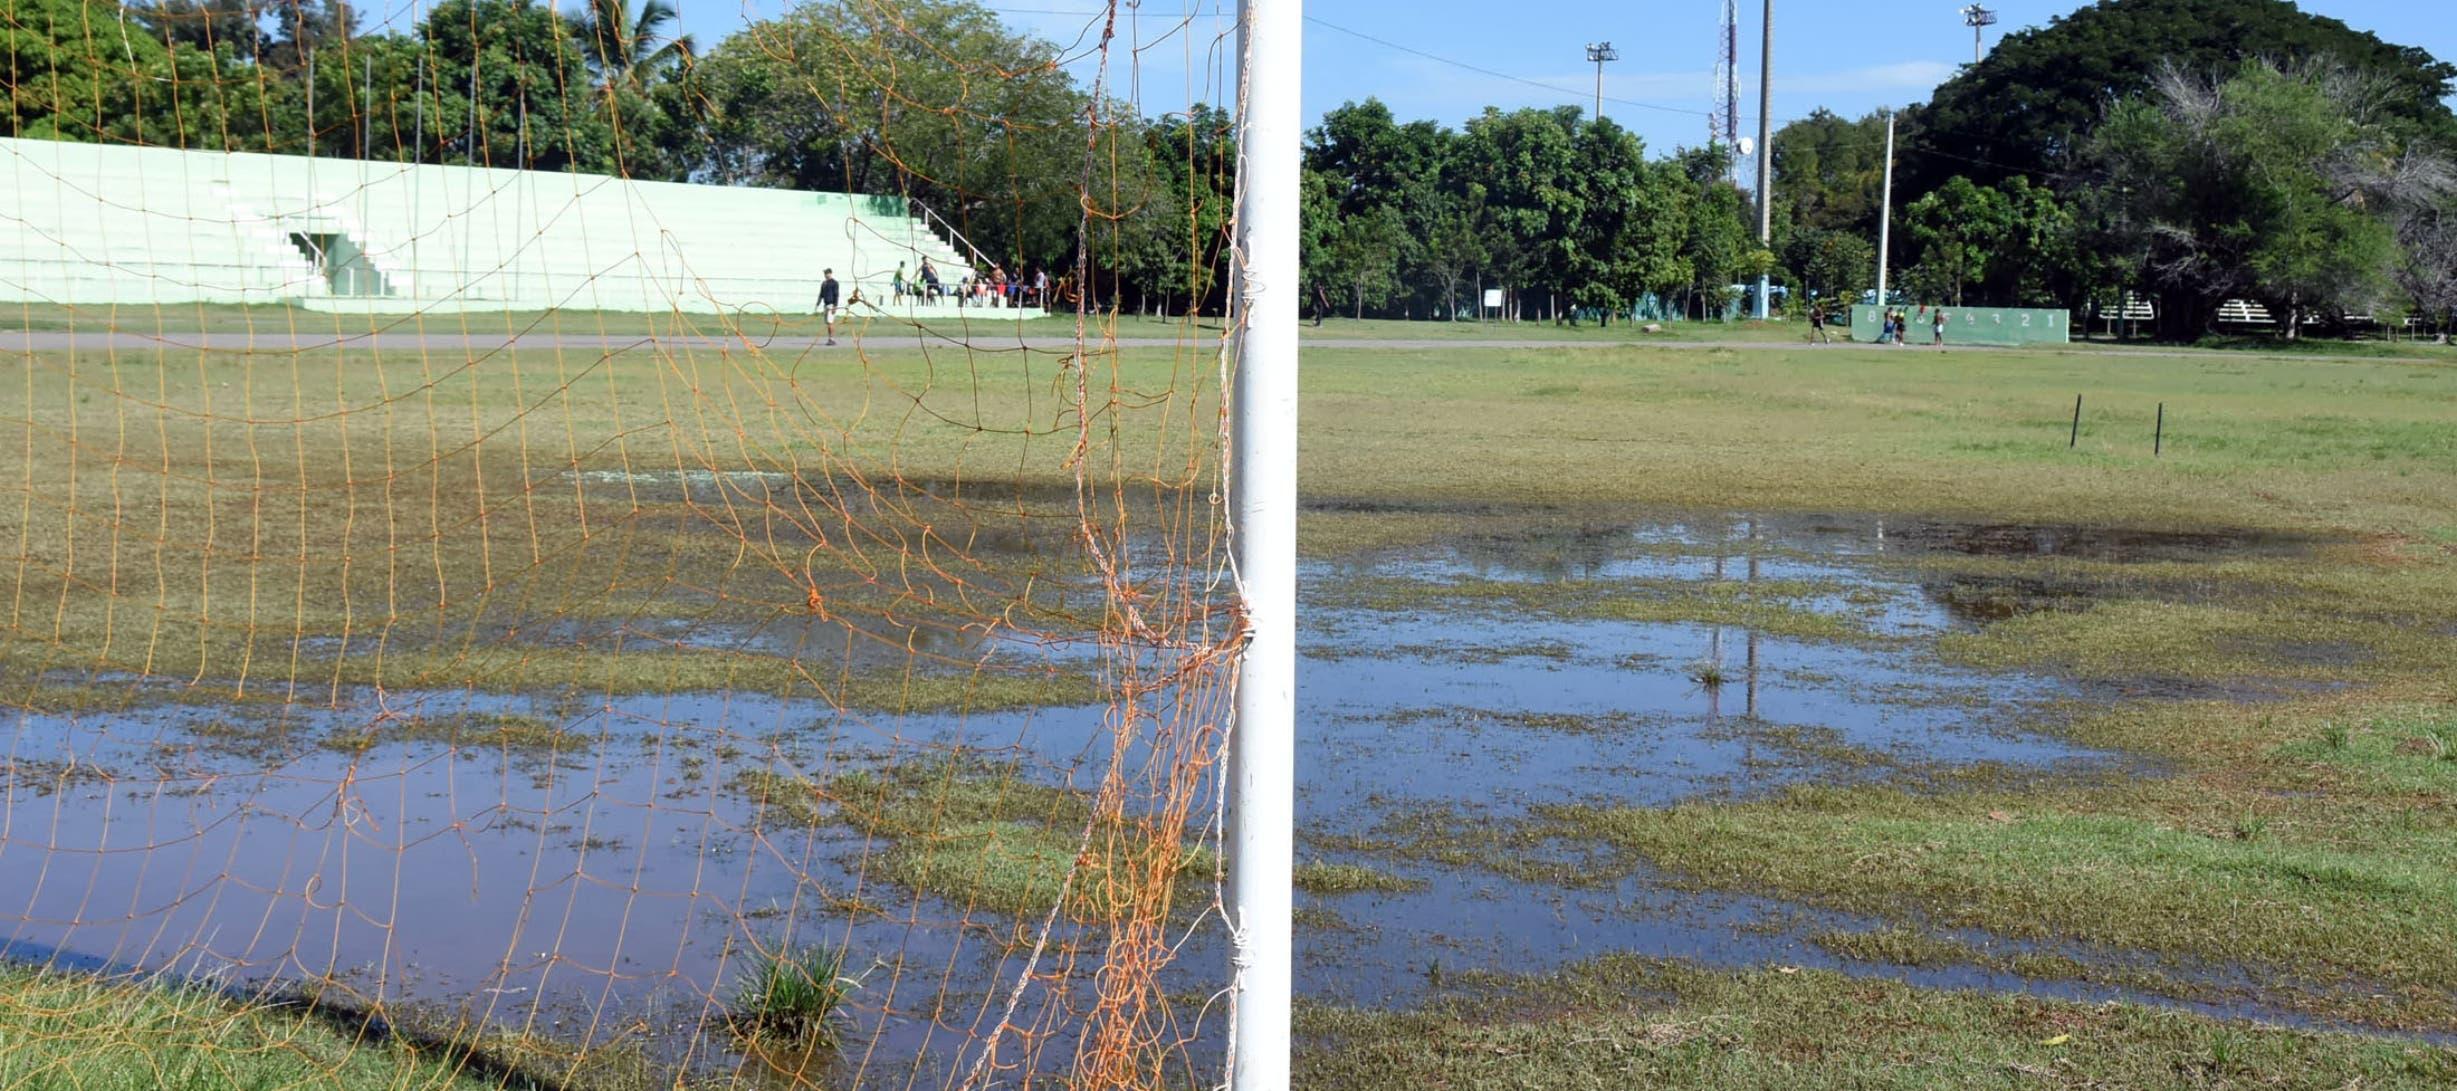 En estas condiciones practican los atletas en la pista de atletismo del complejo deportivo de San Juan de la Maguana, corriendo el peligro de lesionarse por las pésimas condiciones  que presenta.